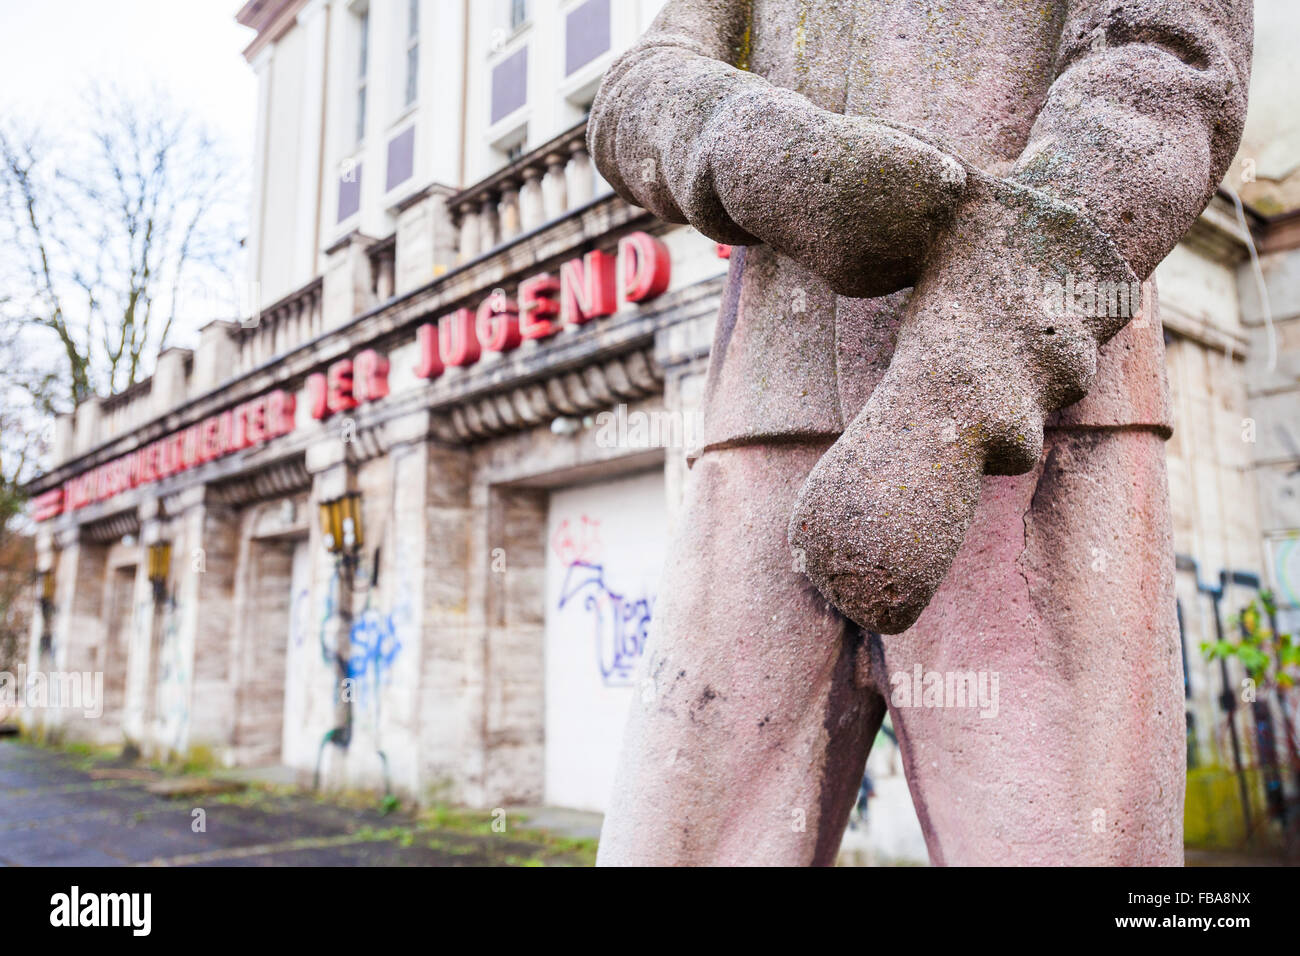 Stahlwerker statue, Edmund Neutert, Lichtspieltheater der Jugent, Frankfurt (Oder) Stock Photo